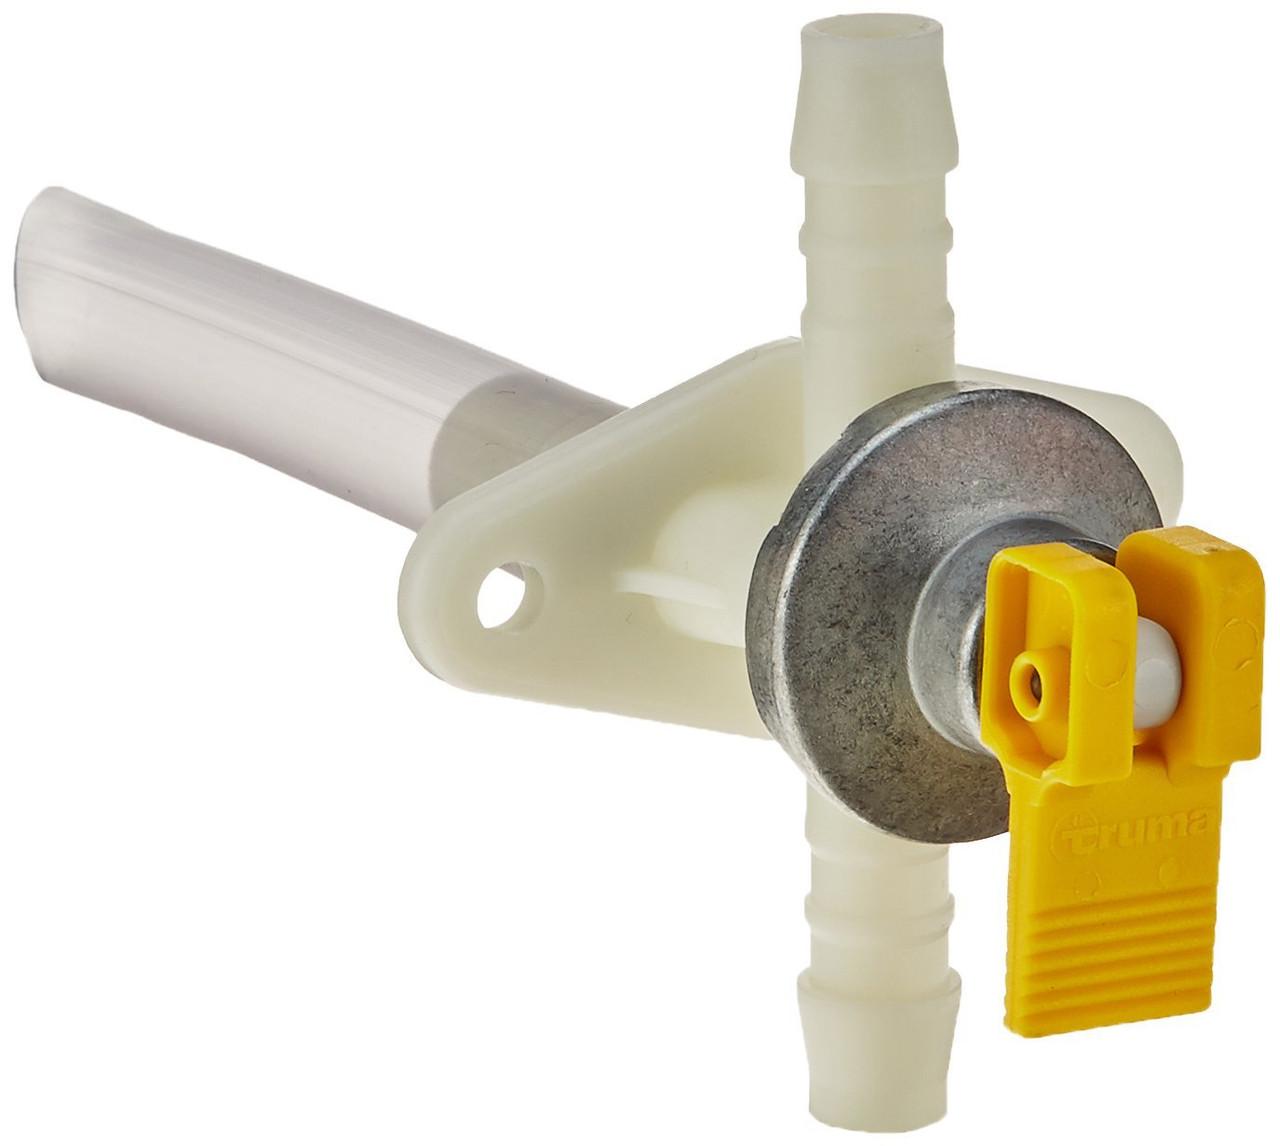 Truma JGS To Flexible Hose Adaptor